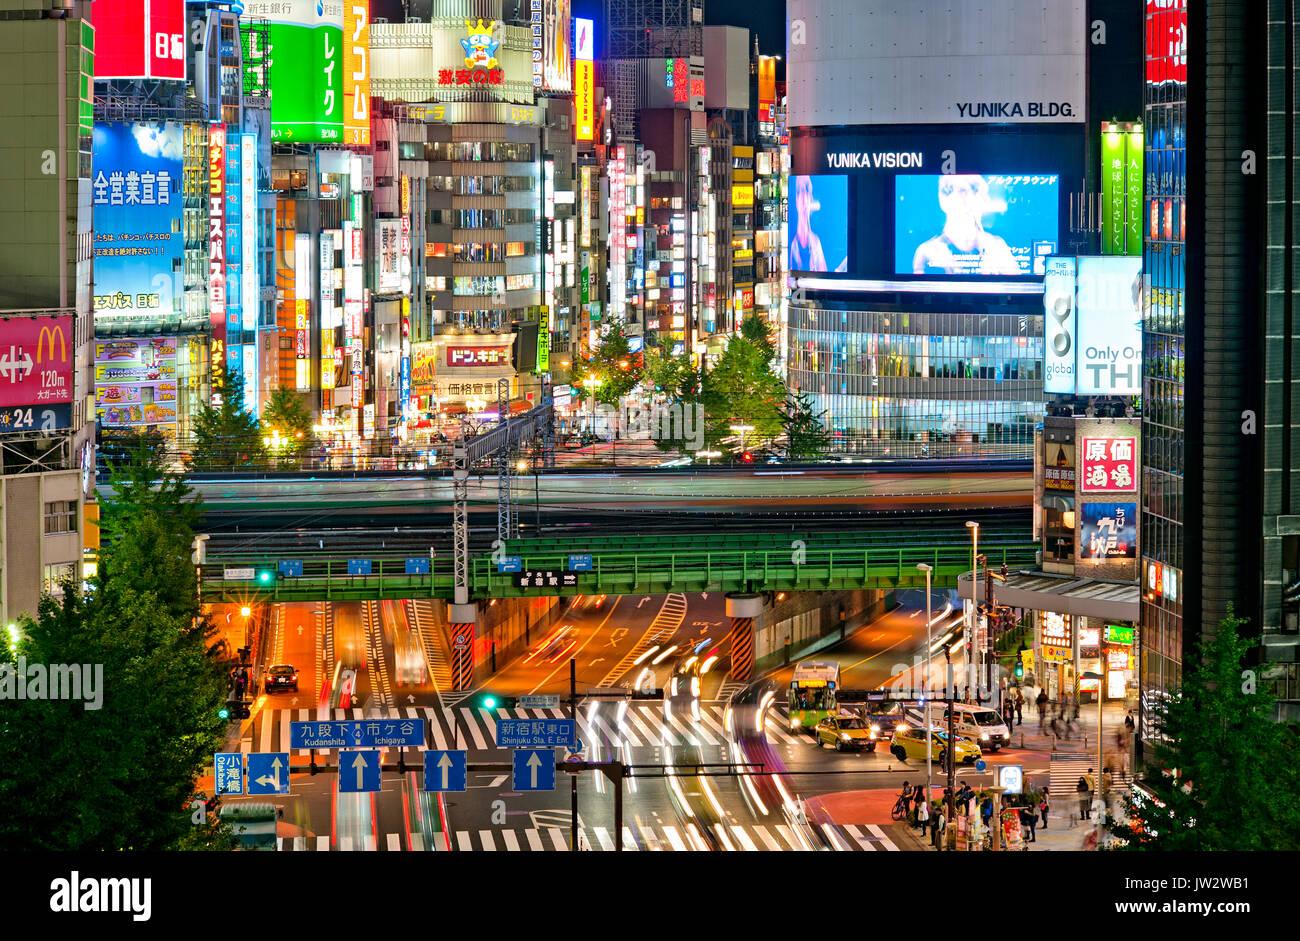 Japon Tokyo Shinjuku de nuit Kabukicho, temple Yasukuni Dori Photo Stock